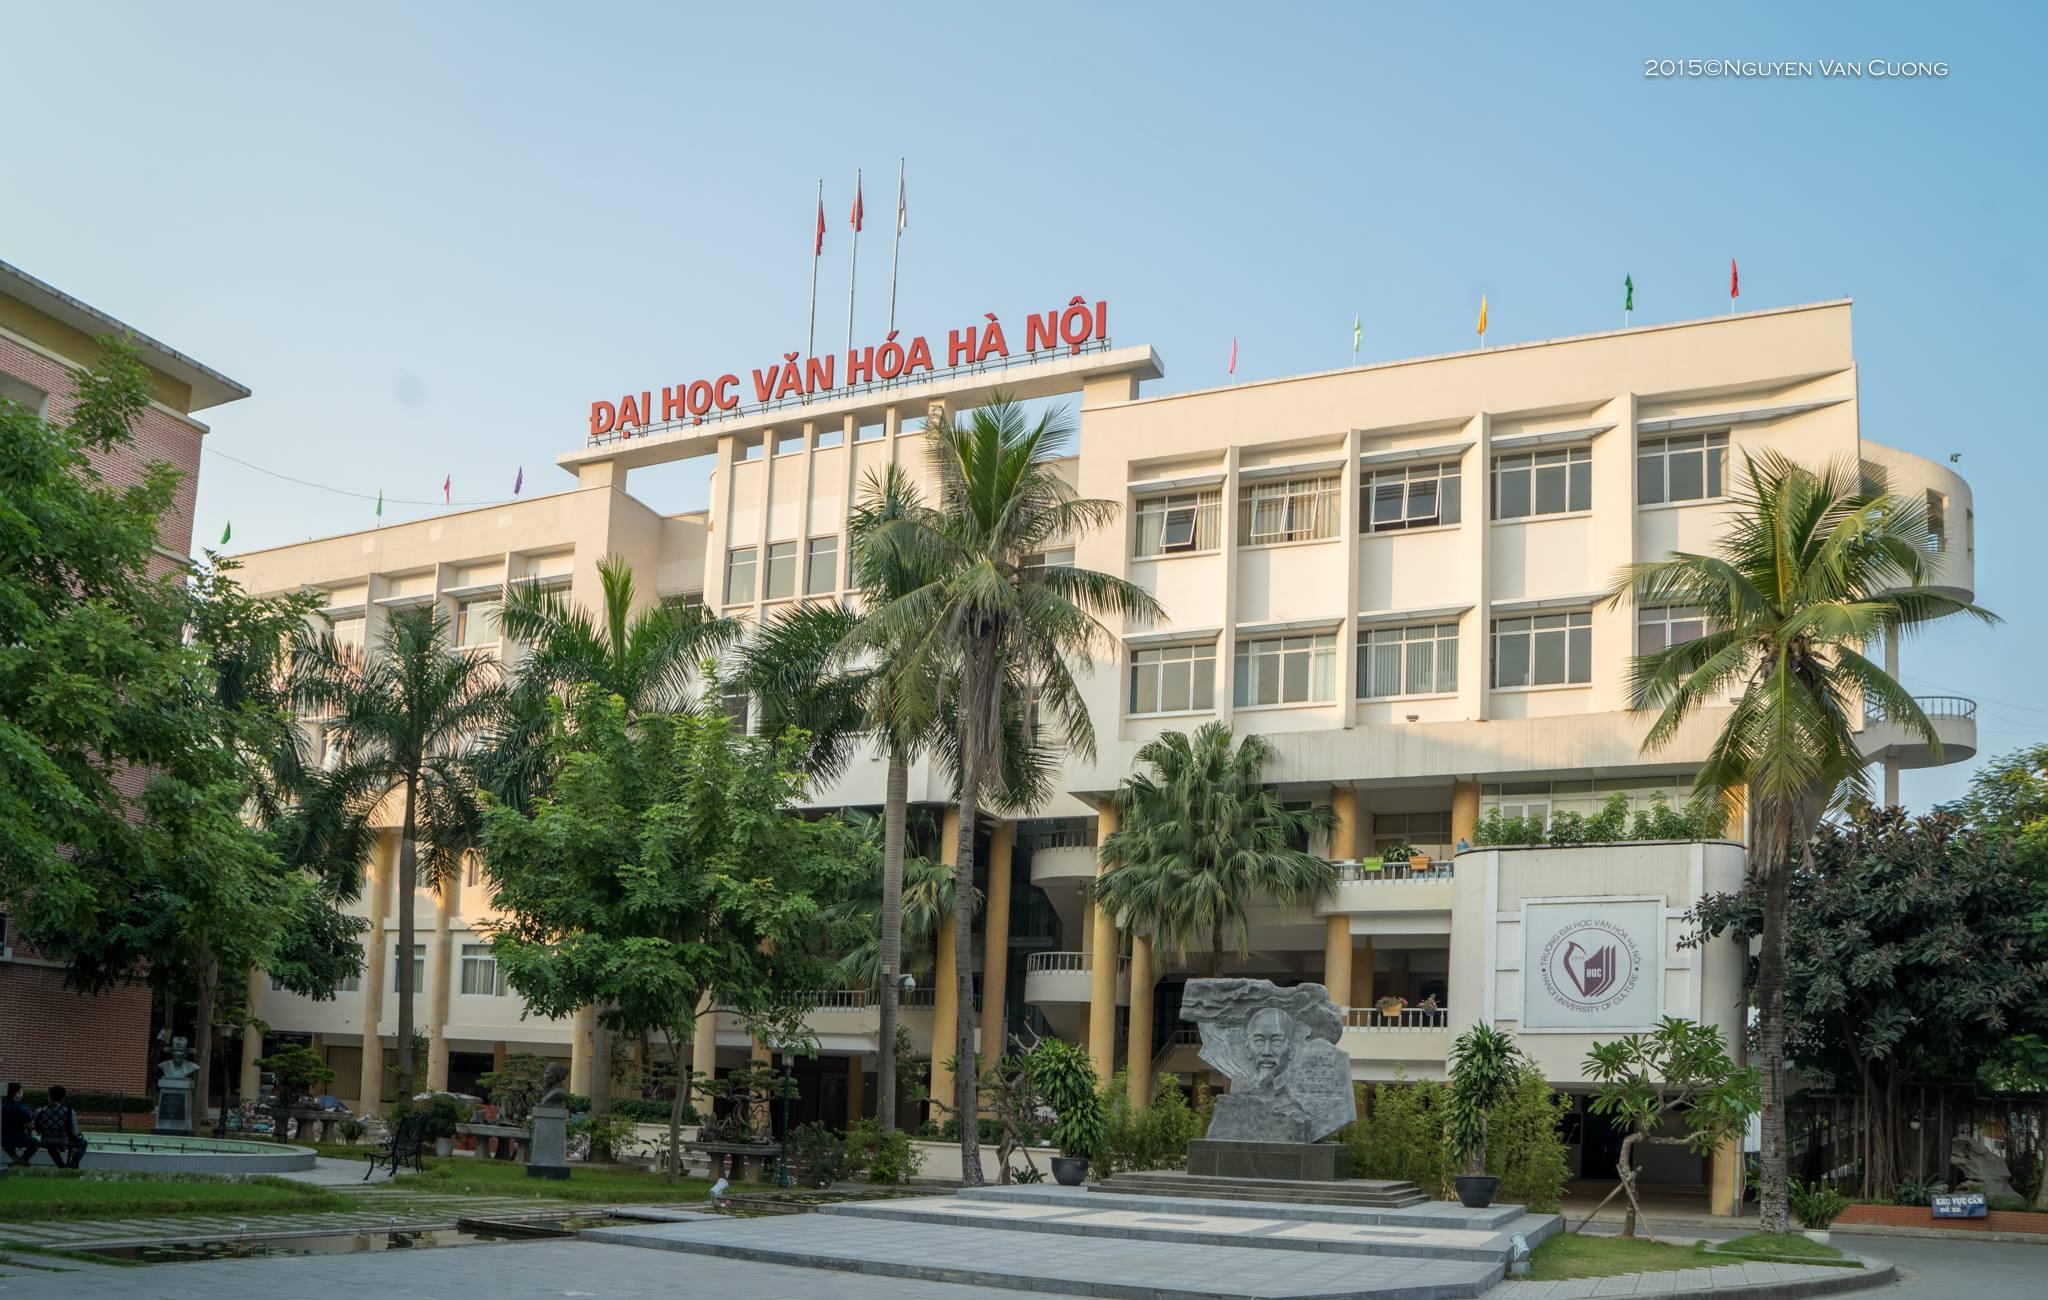 Thông báo điểm chuẩn và danh sách trúng tuyển đại học của Trường Đại học Văn hóa Hà Nội năm 2017